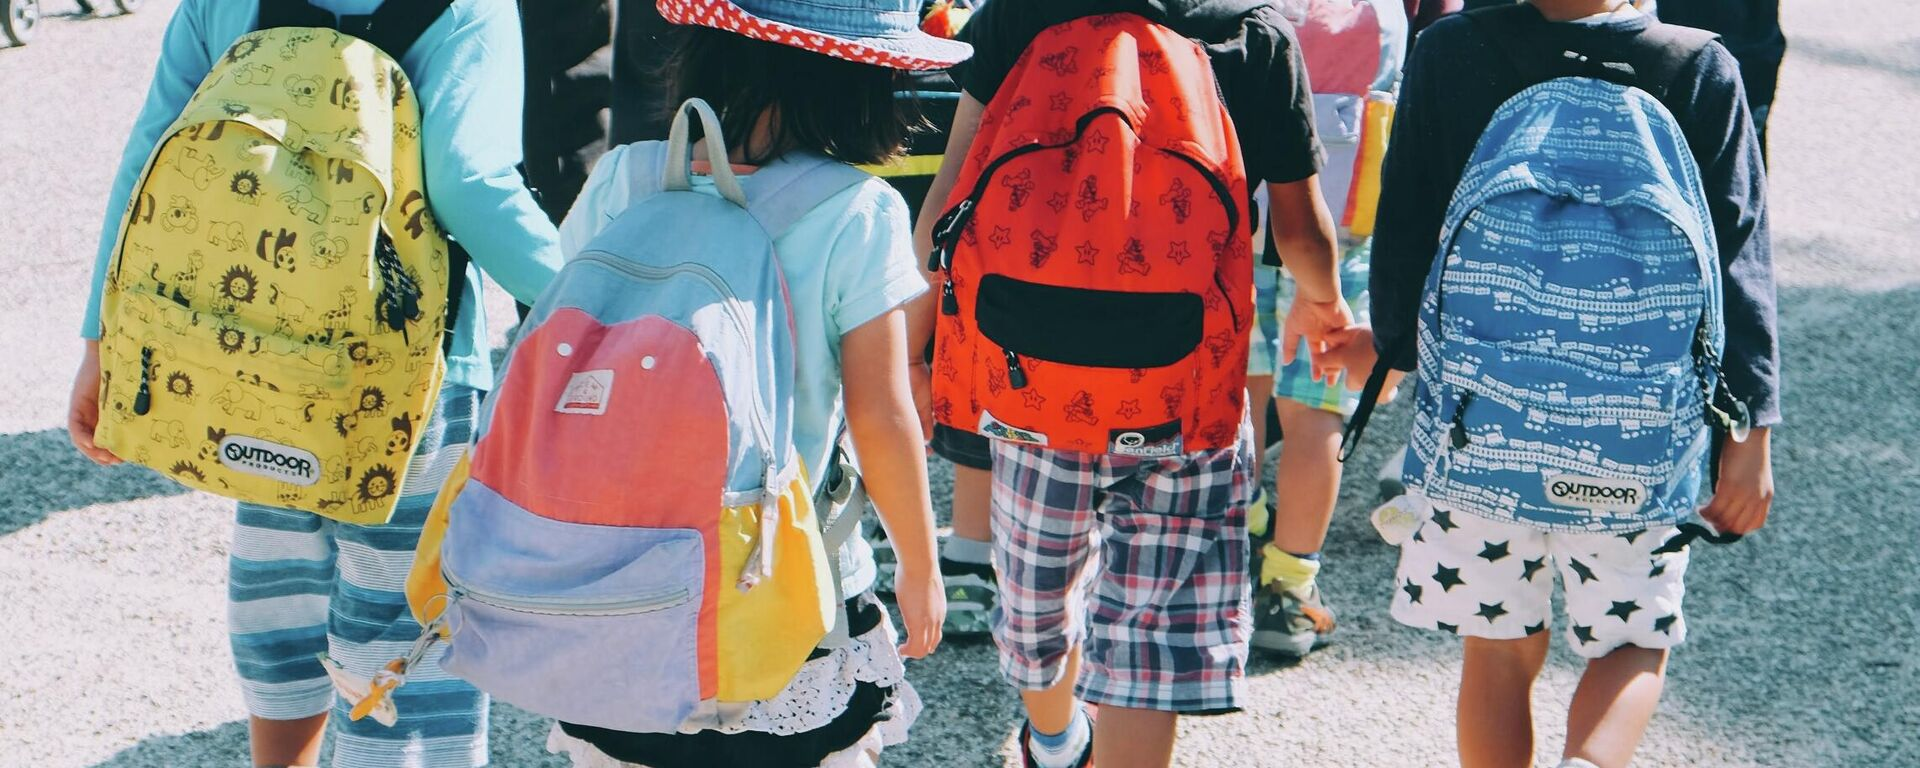 Los niños van a la escuela (imagen referencial) - Sputnik Mundo, 1920, 25.08.2021